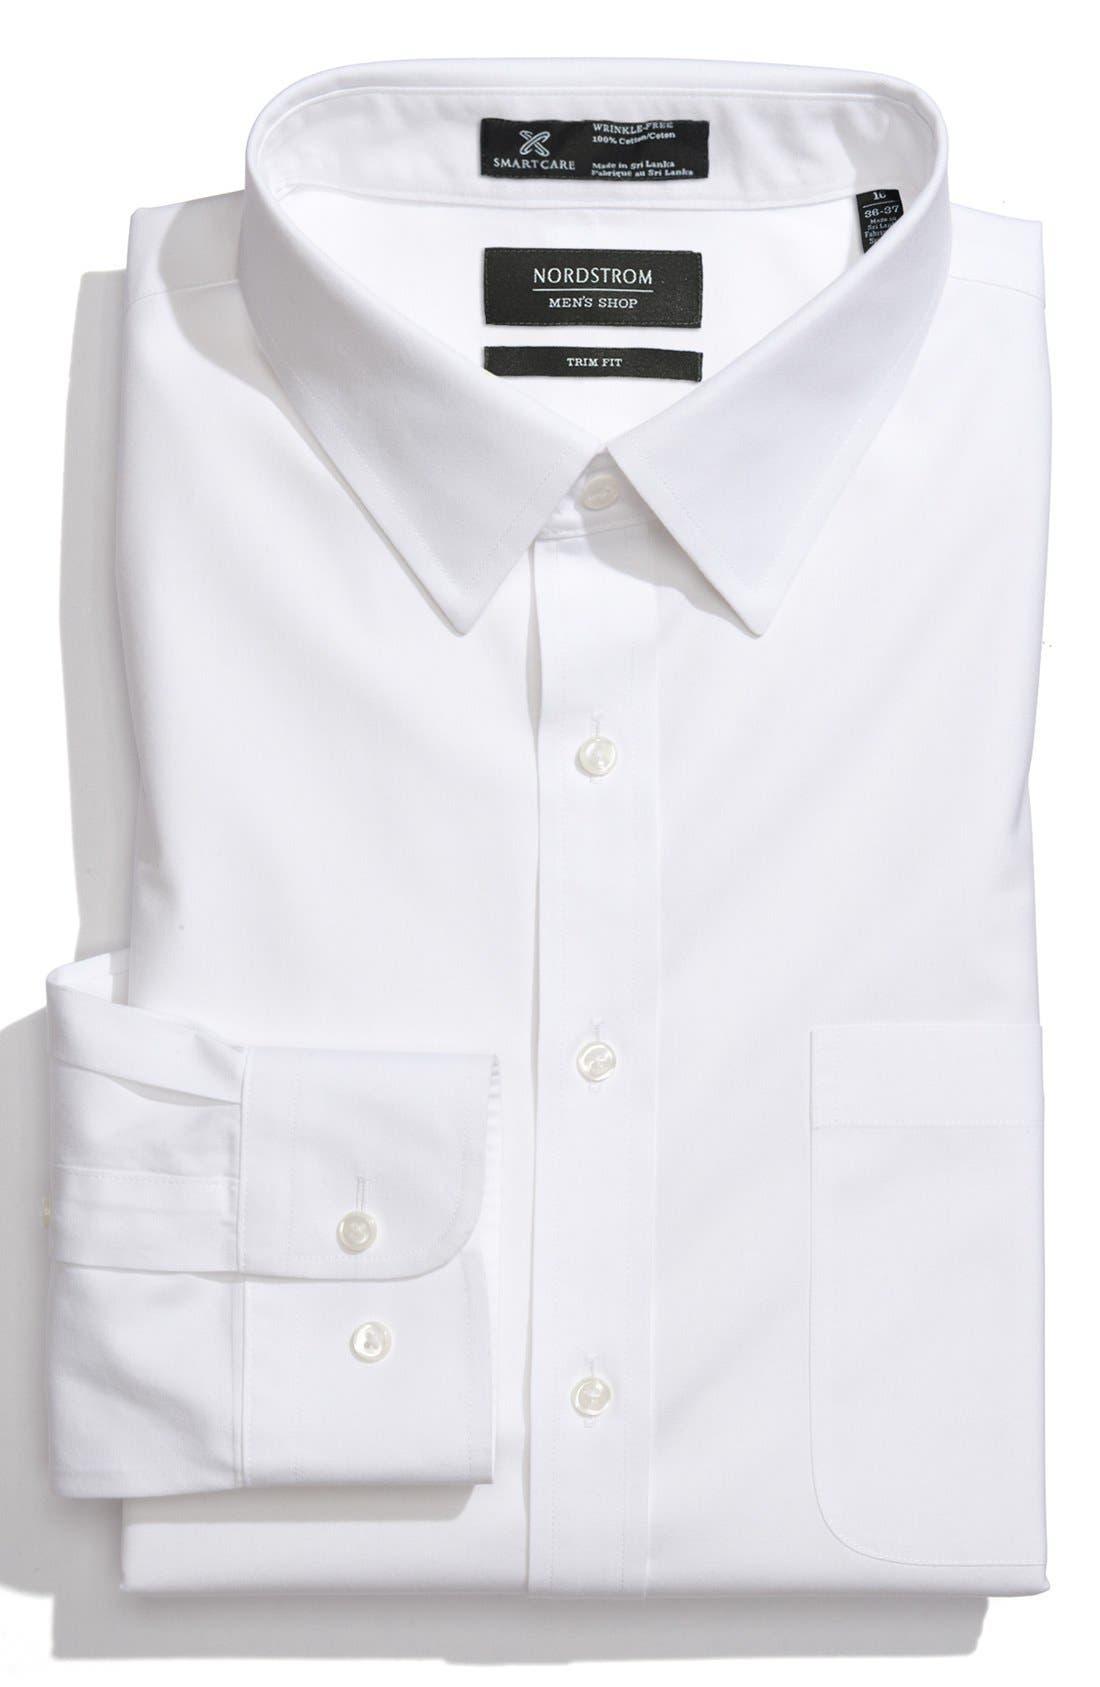 Nordstrom Men's Shop Smartcare™ Trim Fit Solid Dress Shirt | Nordstrom